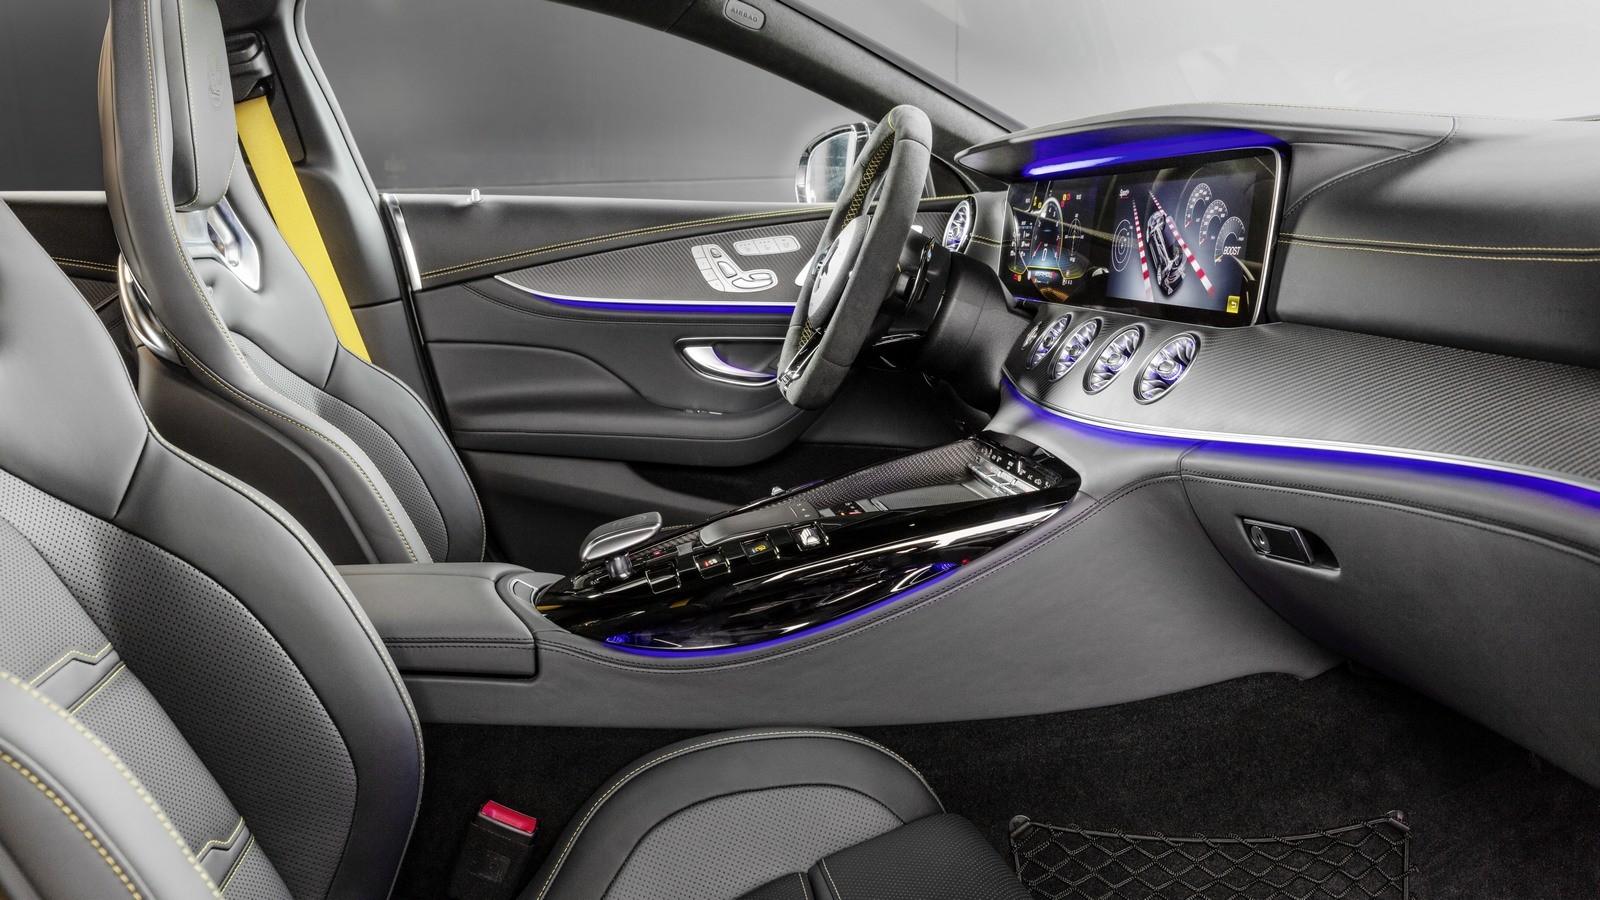 Die neue Mercedes-AMG GT 63 S 4MATIC+ Edition 1: Noch mehr Individualität für das AMG GT 4-Türer Coupé